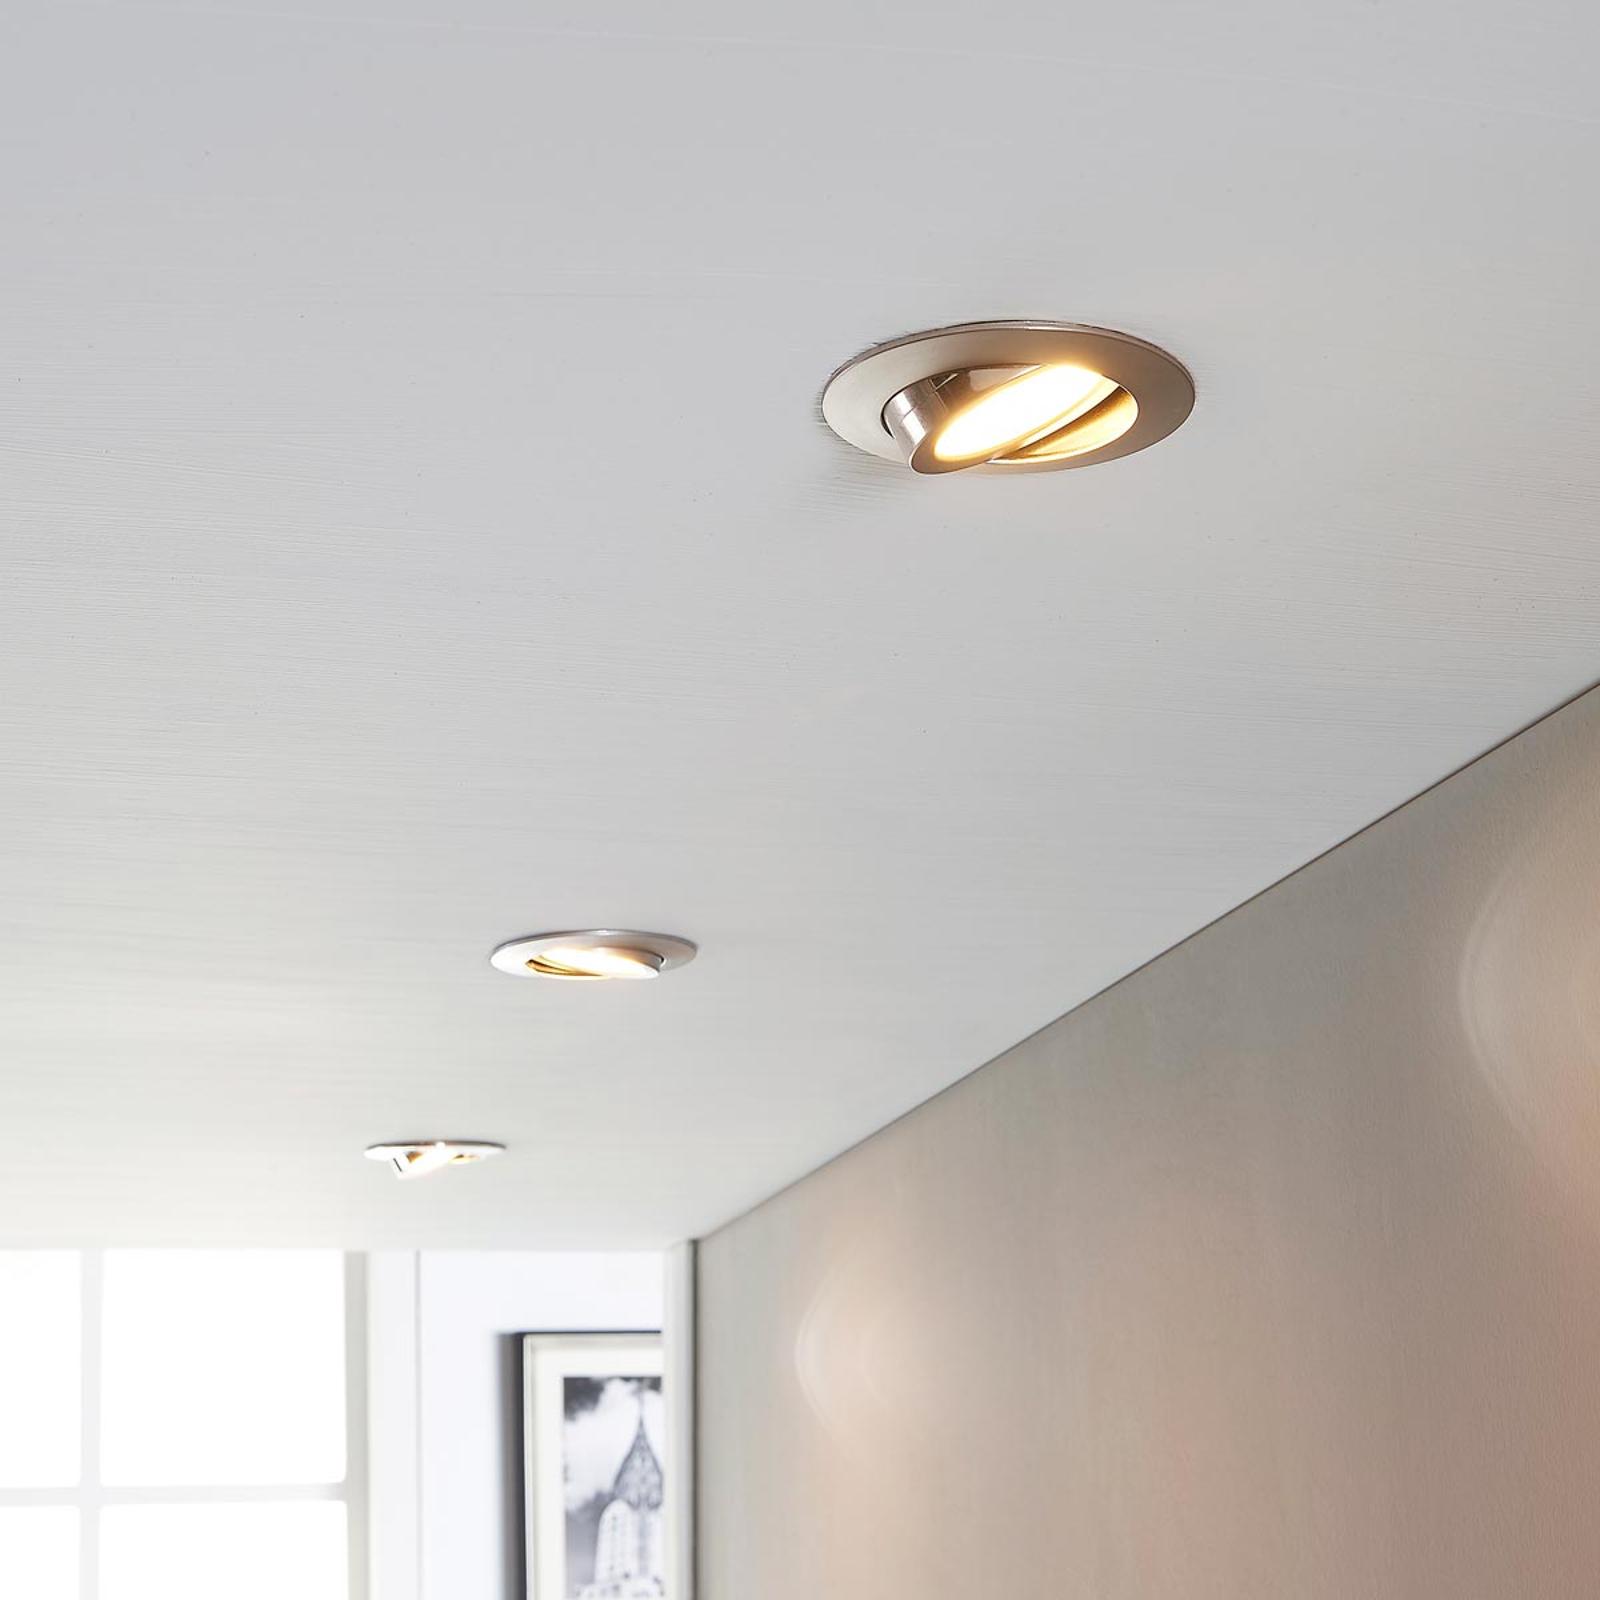 LED inbouwspot Andrej, rond, nikkel, set van 3